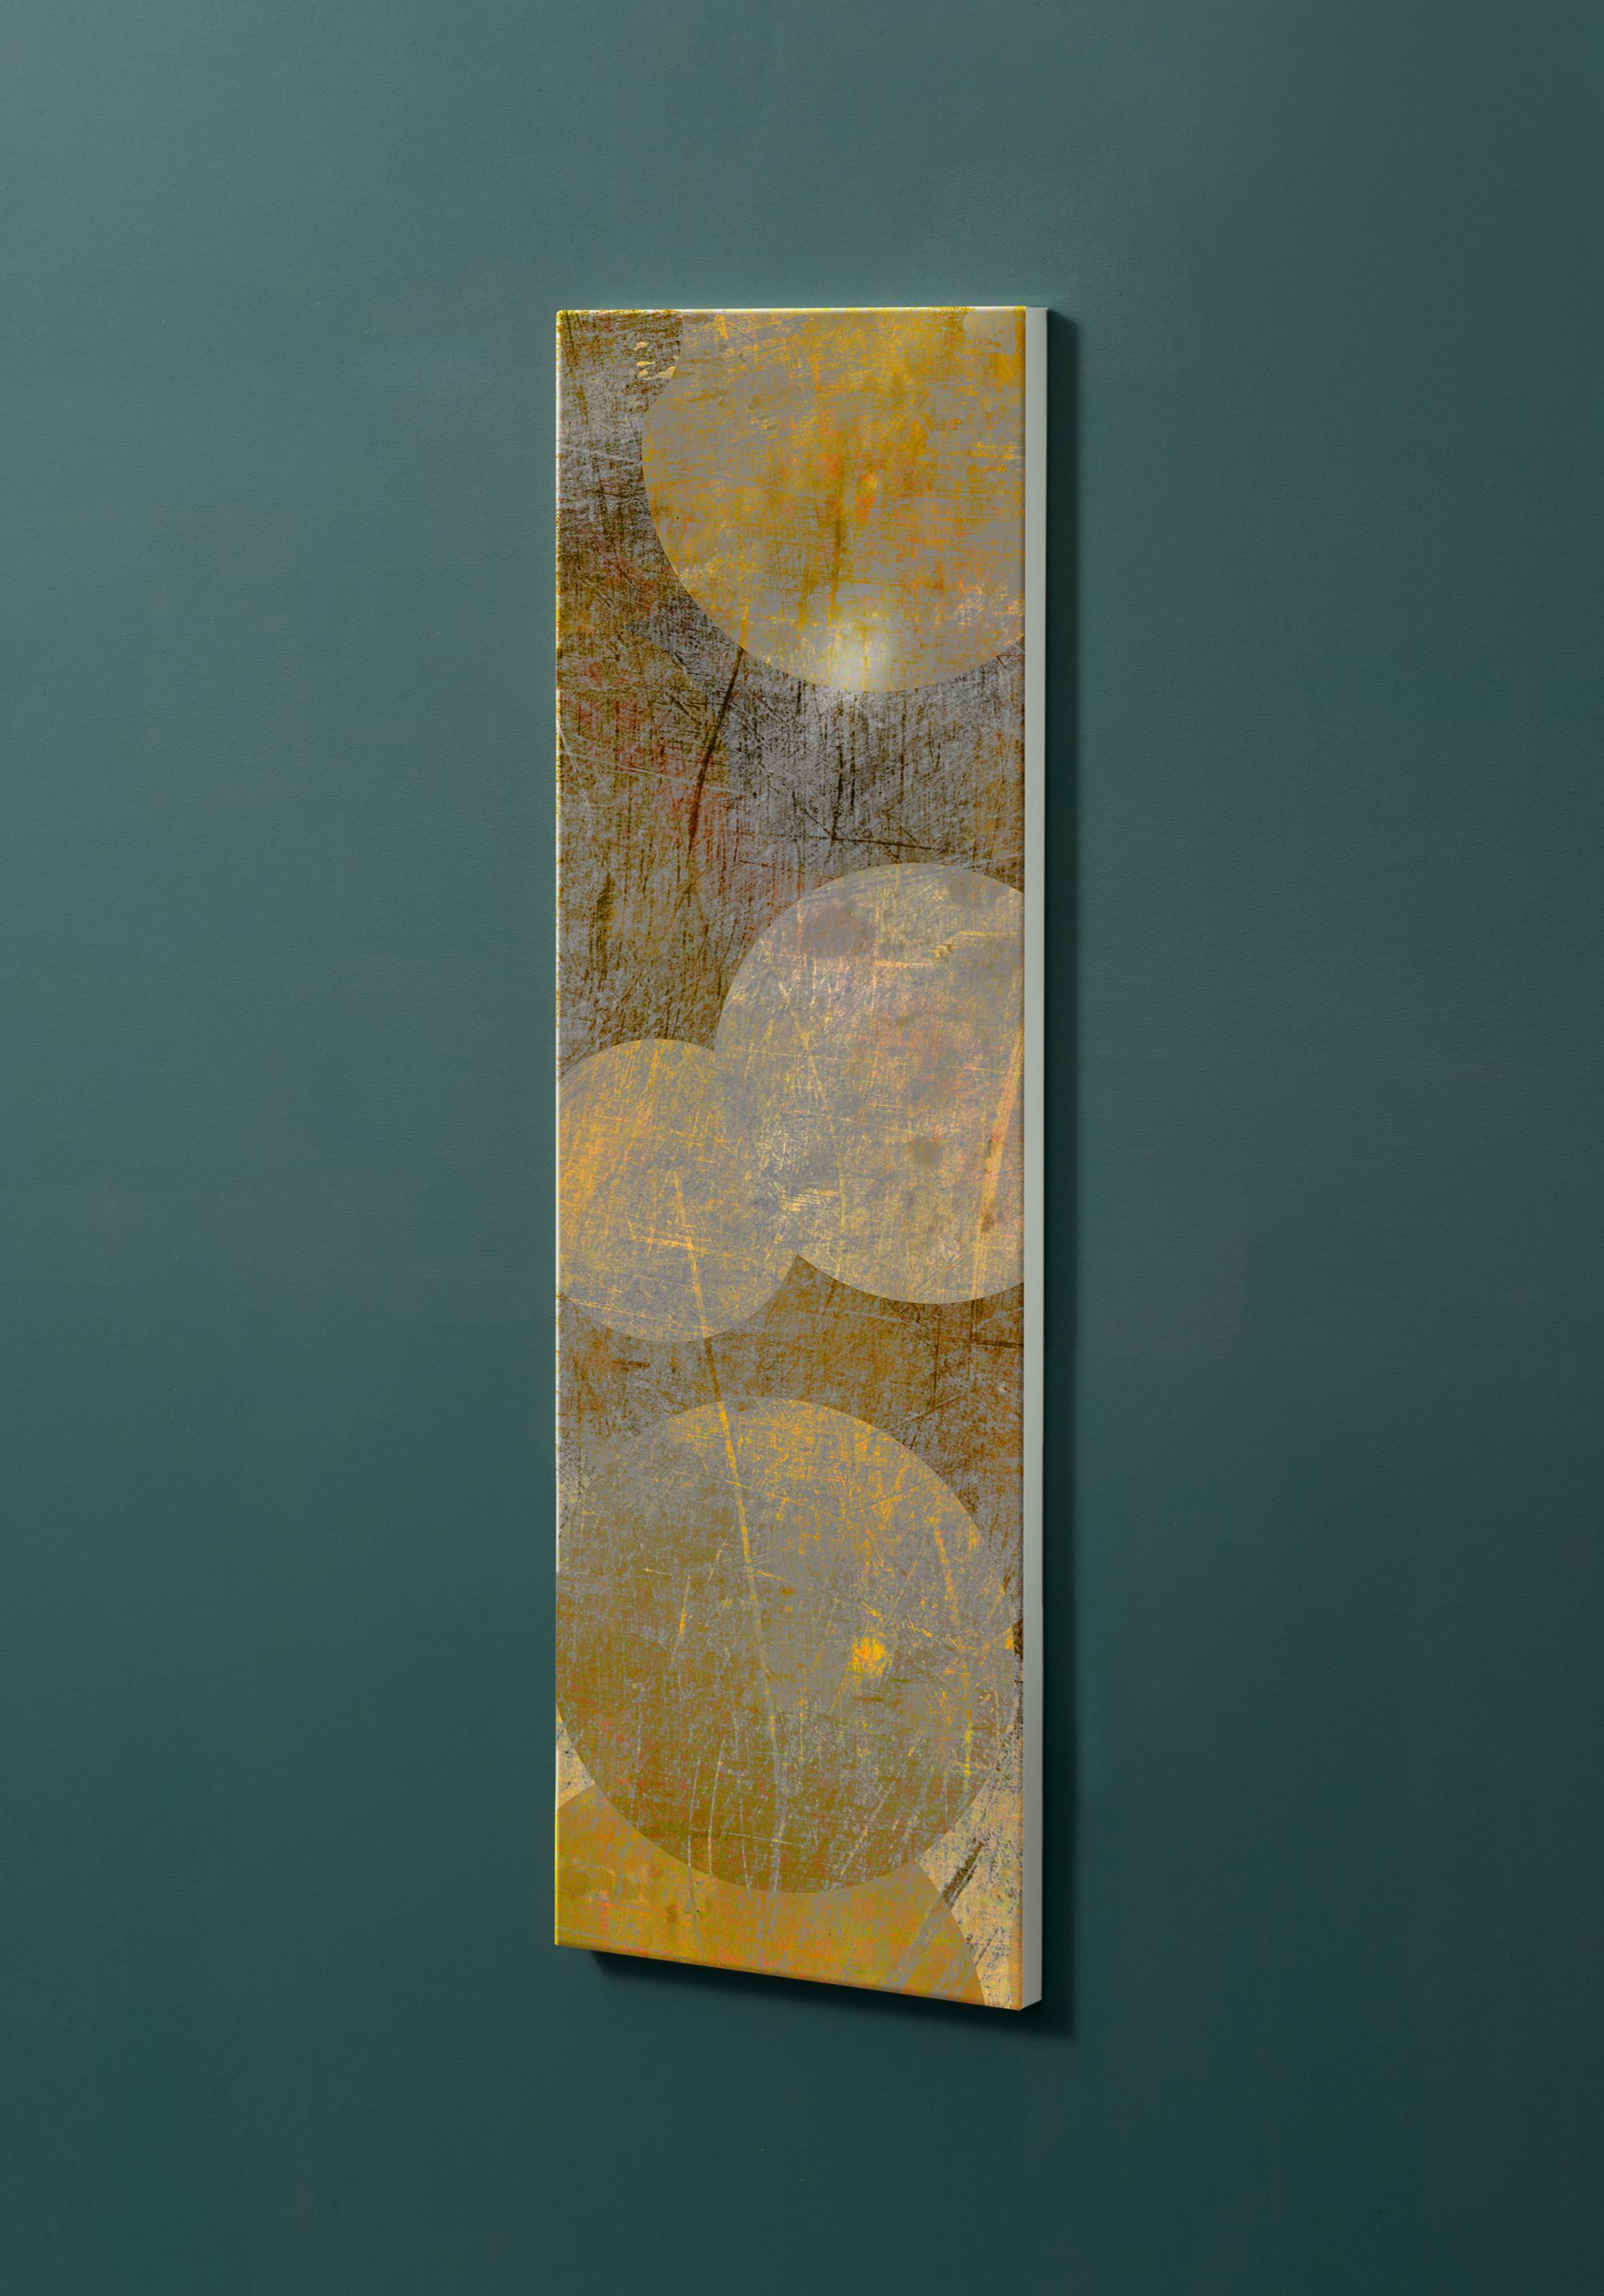 Magnettafel NOTIZ 30x90cm Motiv-Pinnwand M20 Kreise